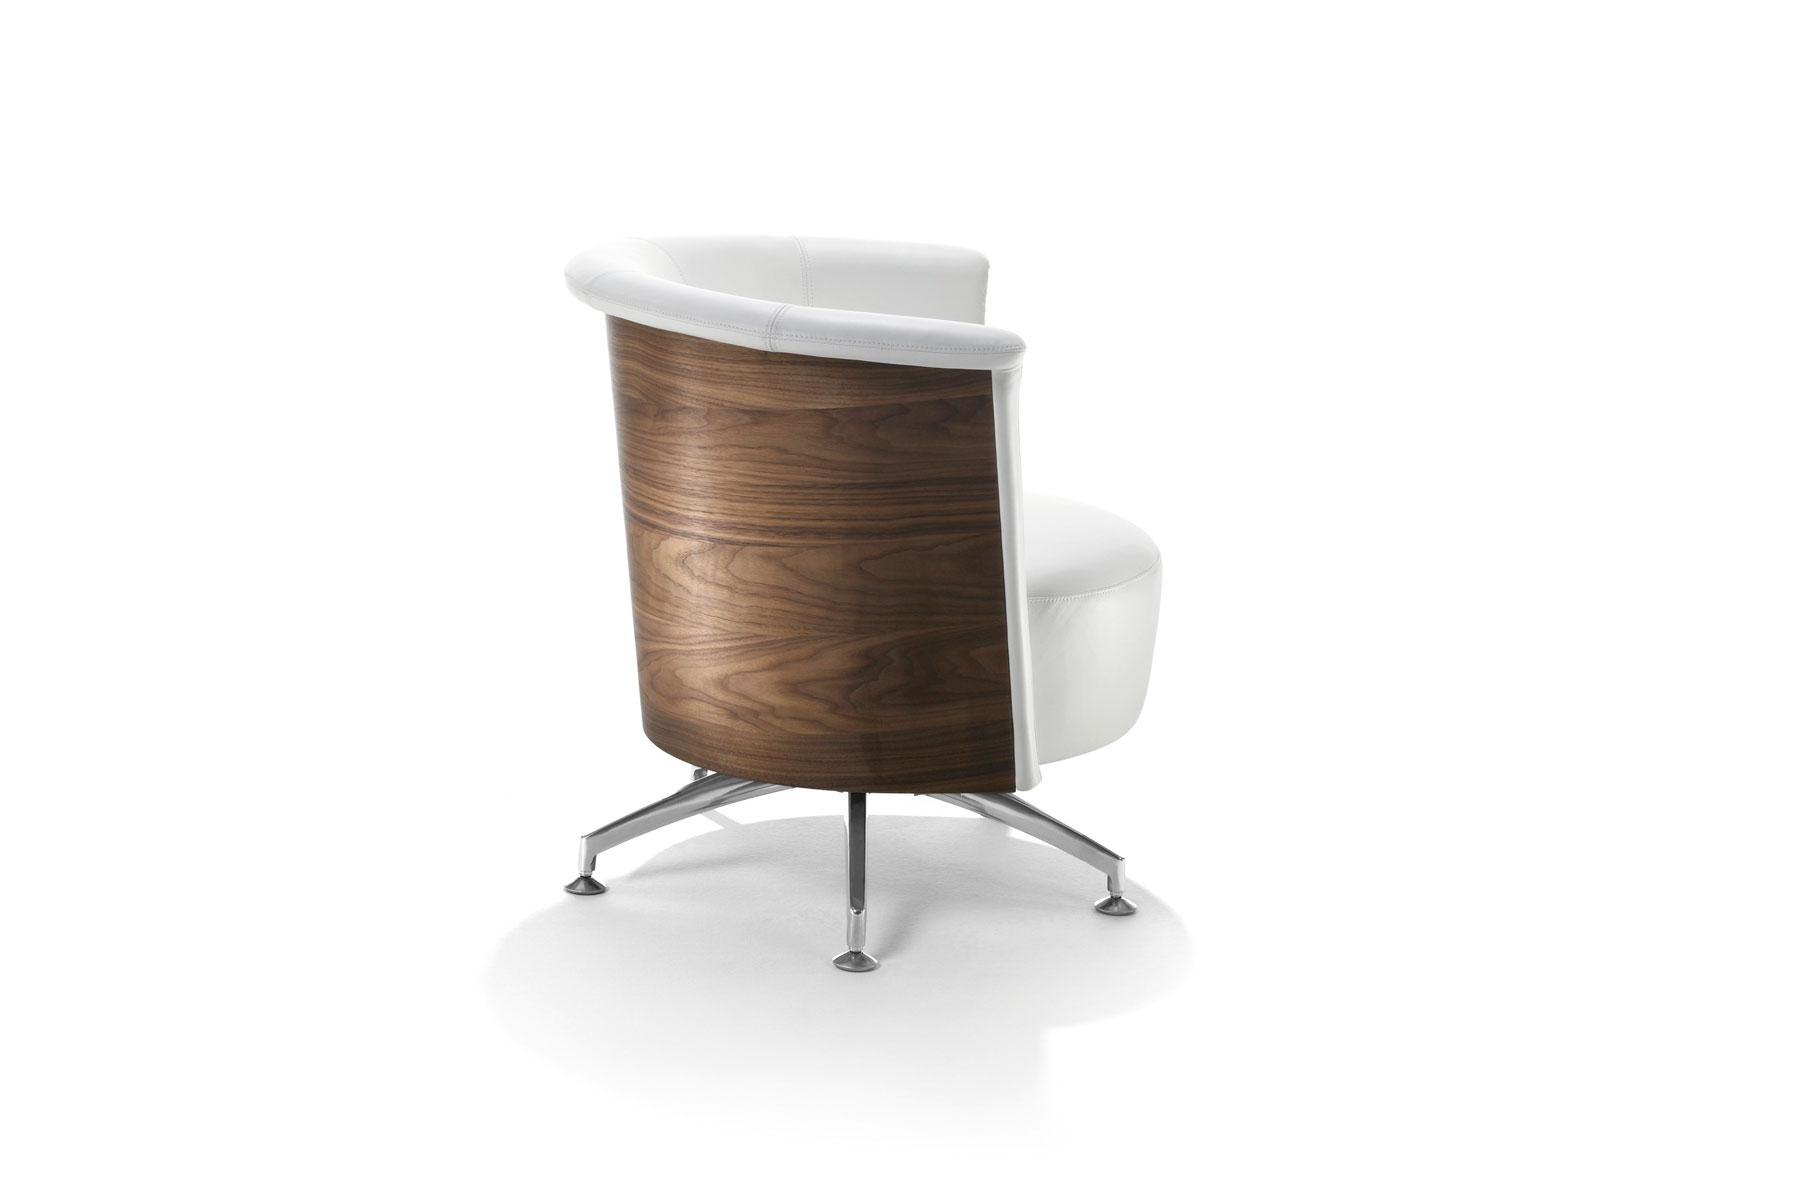 signet top sessel ein sessel mit rundem holzr cken der seines gleichen sucht. Black Bedroom Furniture Sets. Home Design Ideas